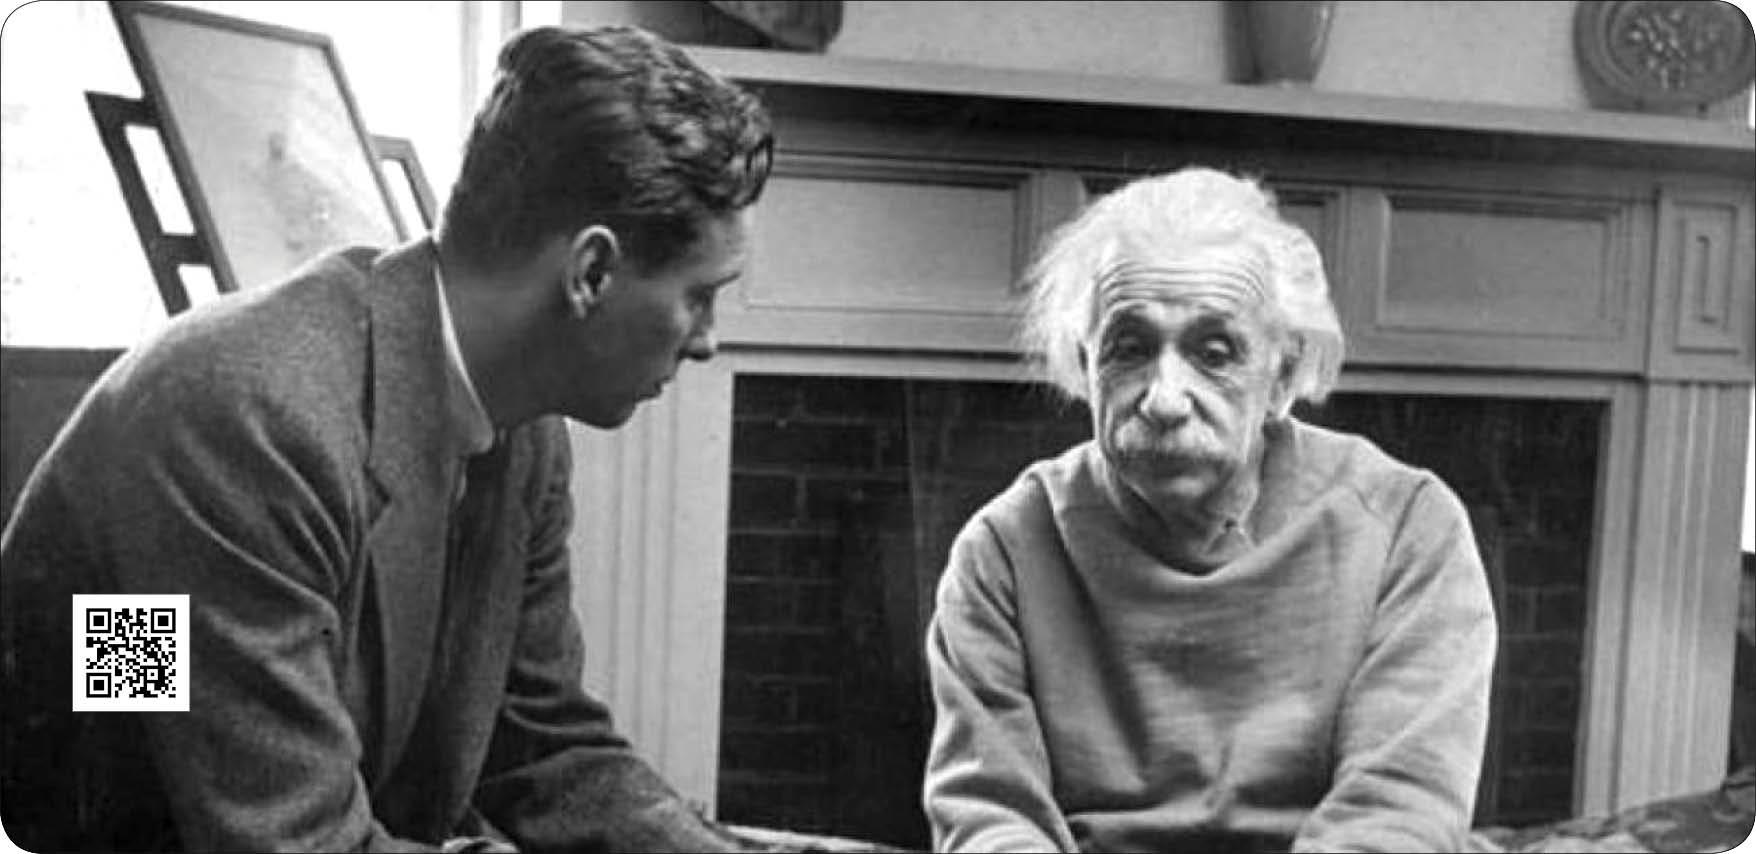 تلنگر مهم «اینشتین» در روزهای پایانی عمرش / بازنگری زندگی!